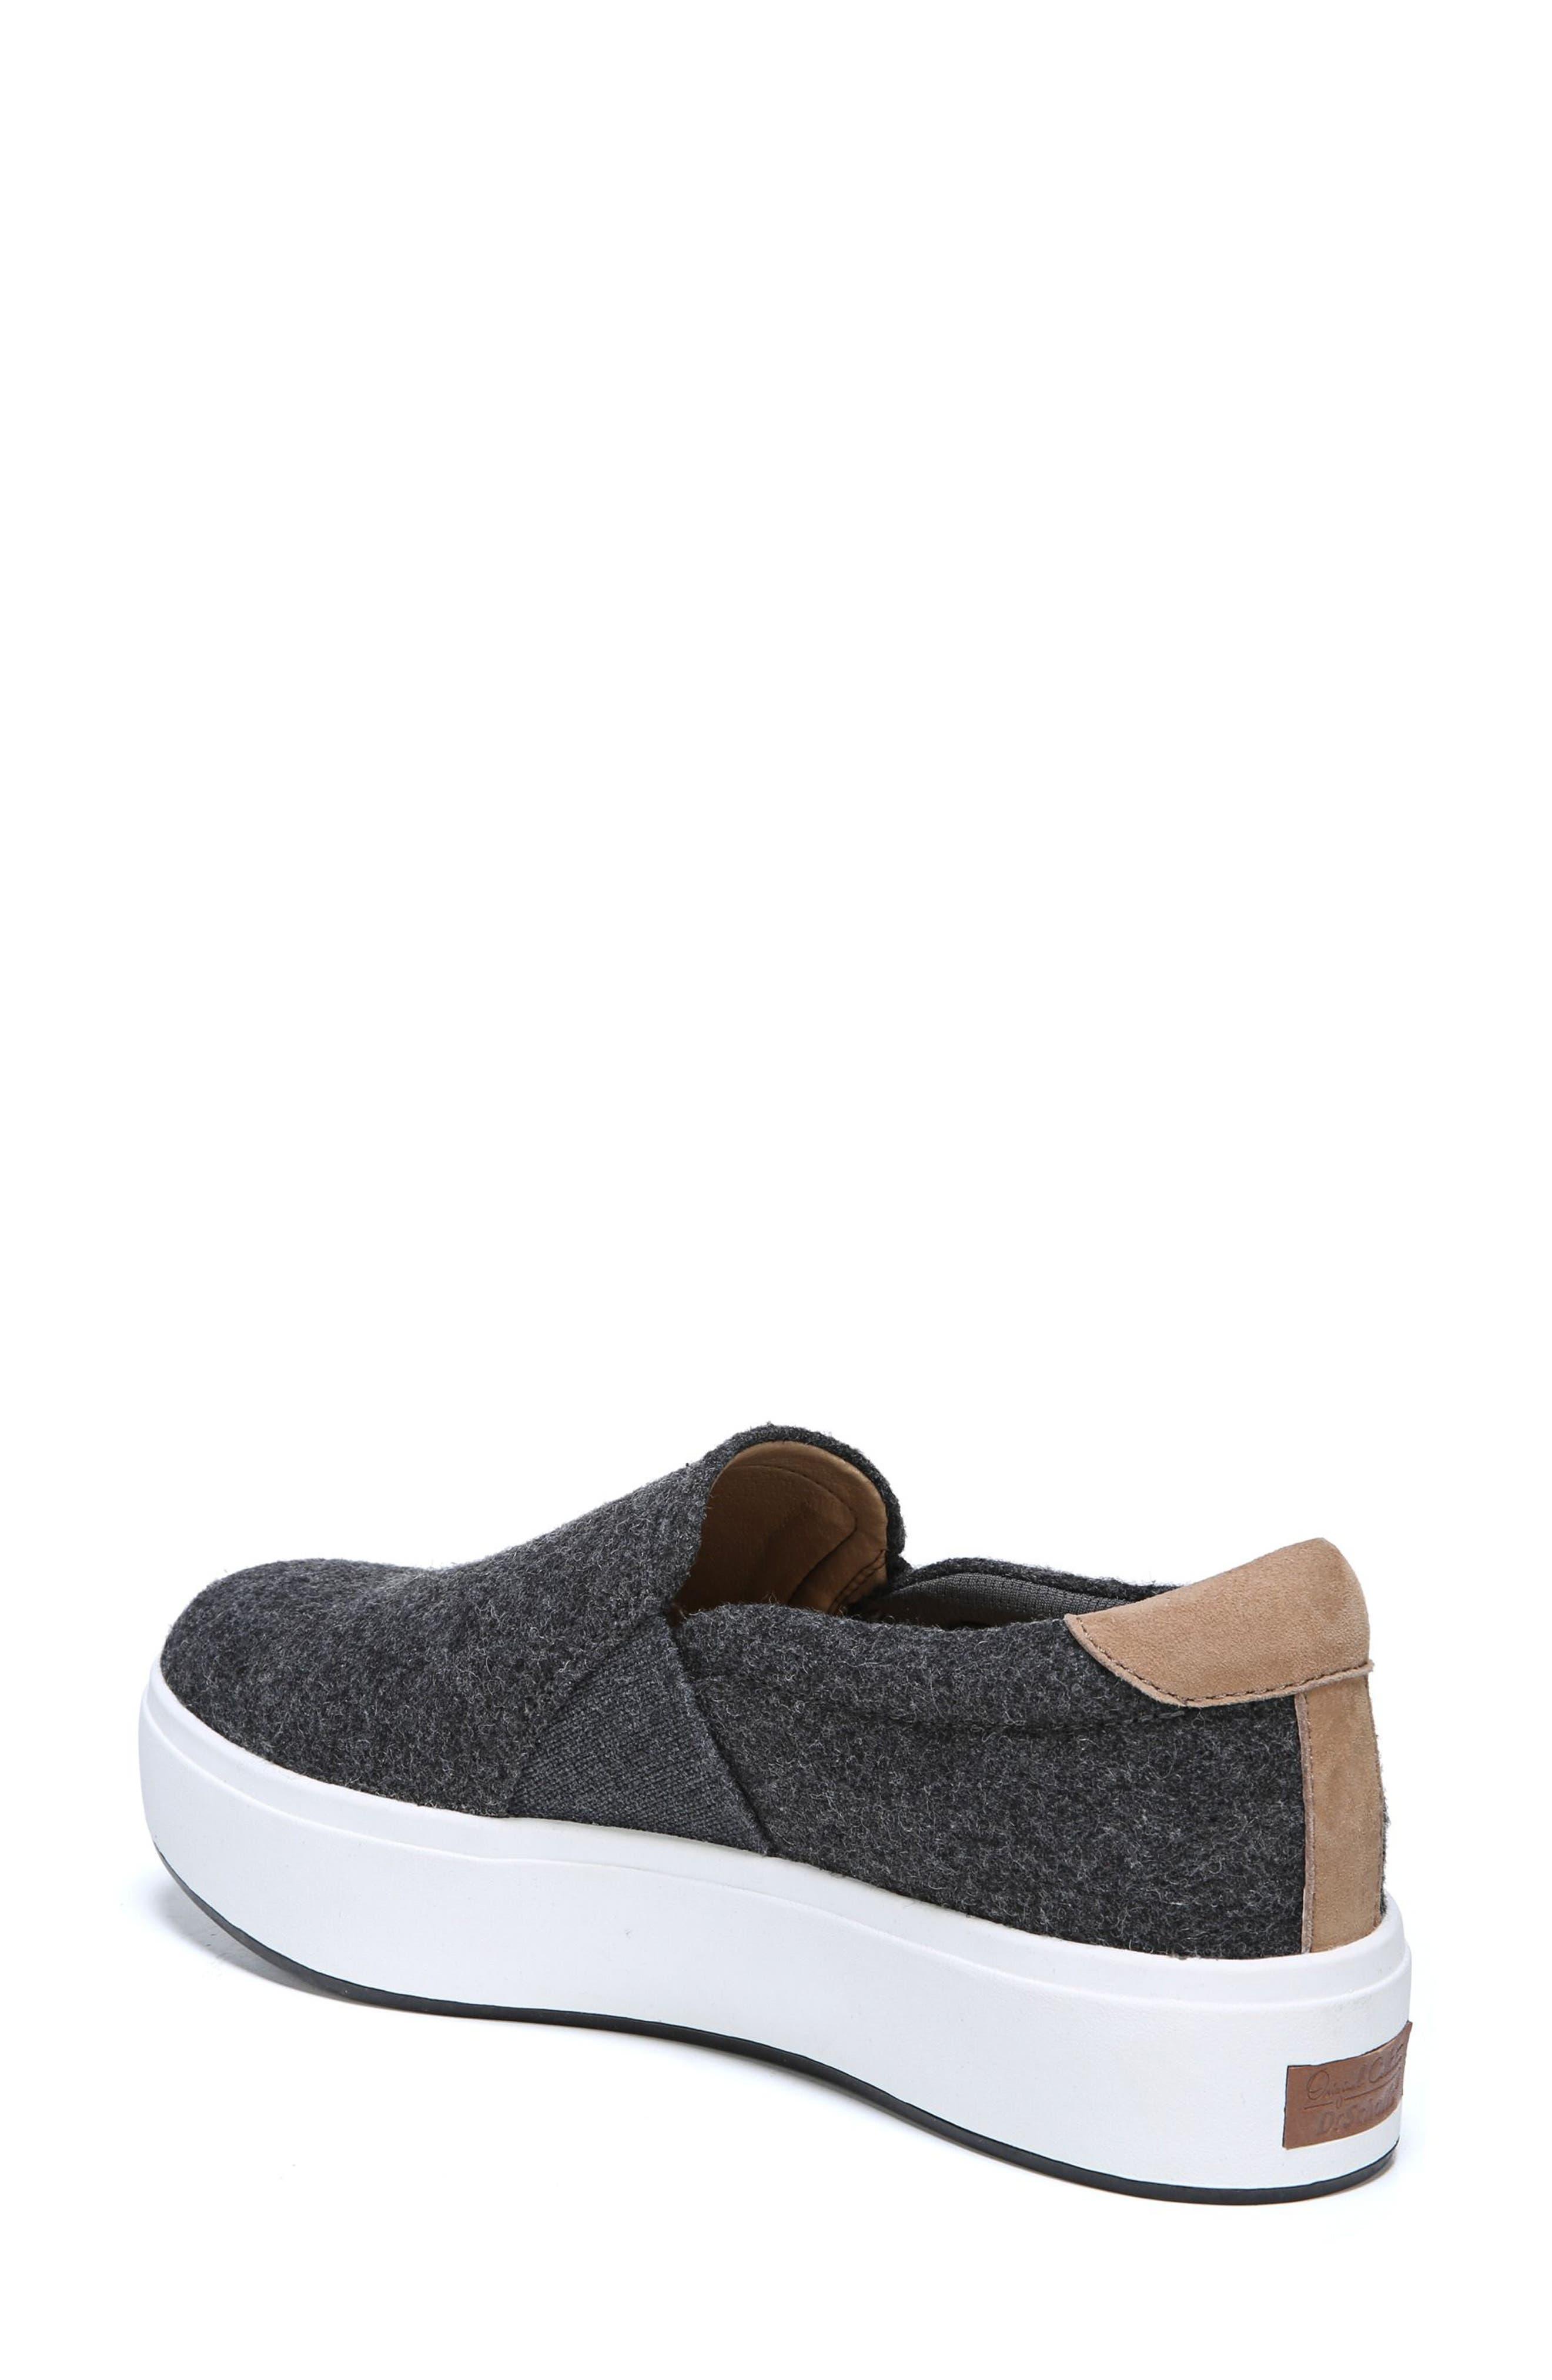 Abbot Slip-On Sneaker,                             Alternate thumbnail 2, color,                             GREY FABRIC